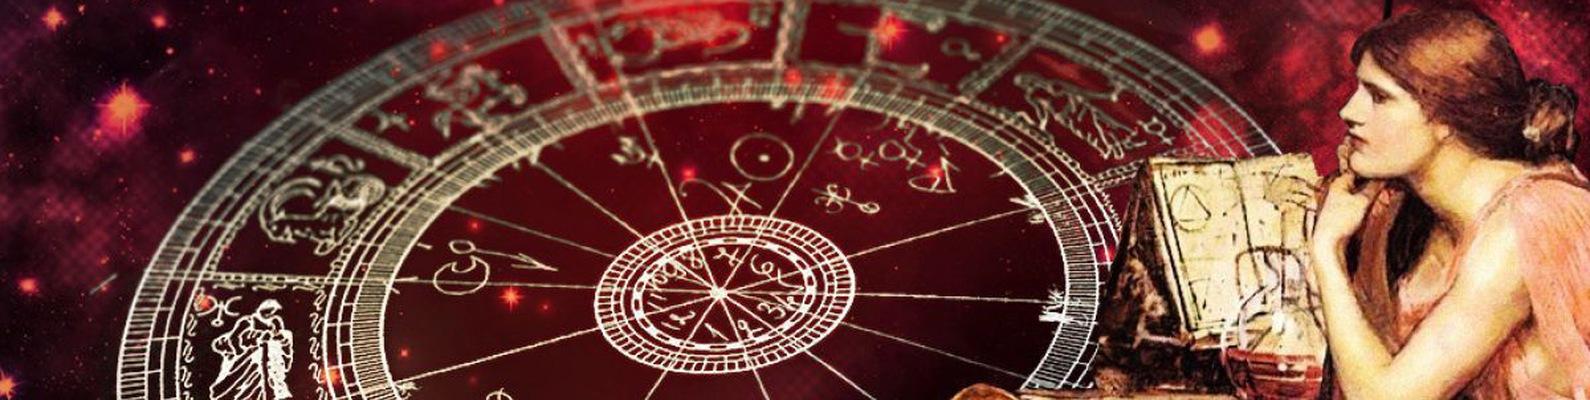 институт астрологии в москве